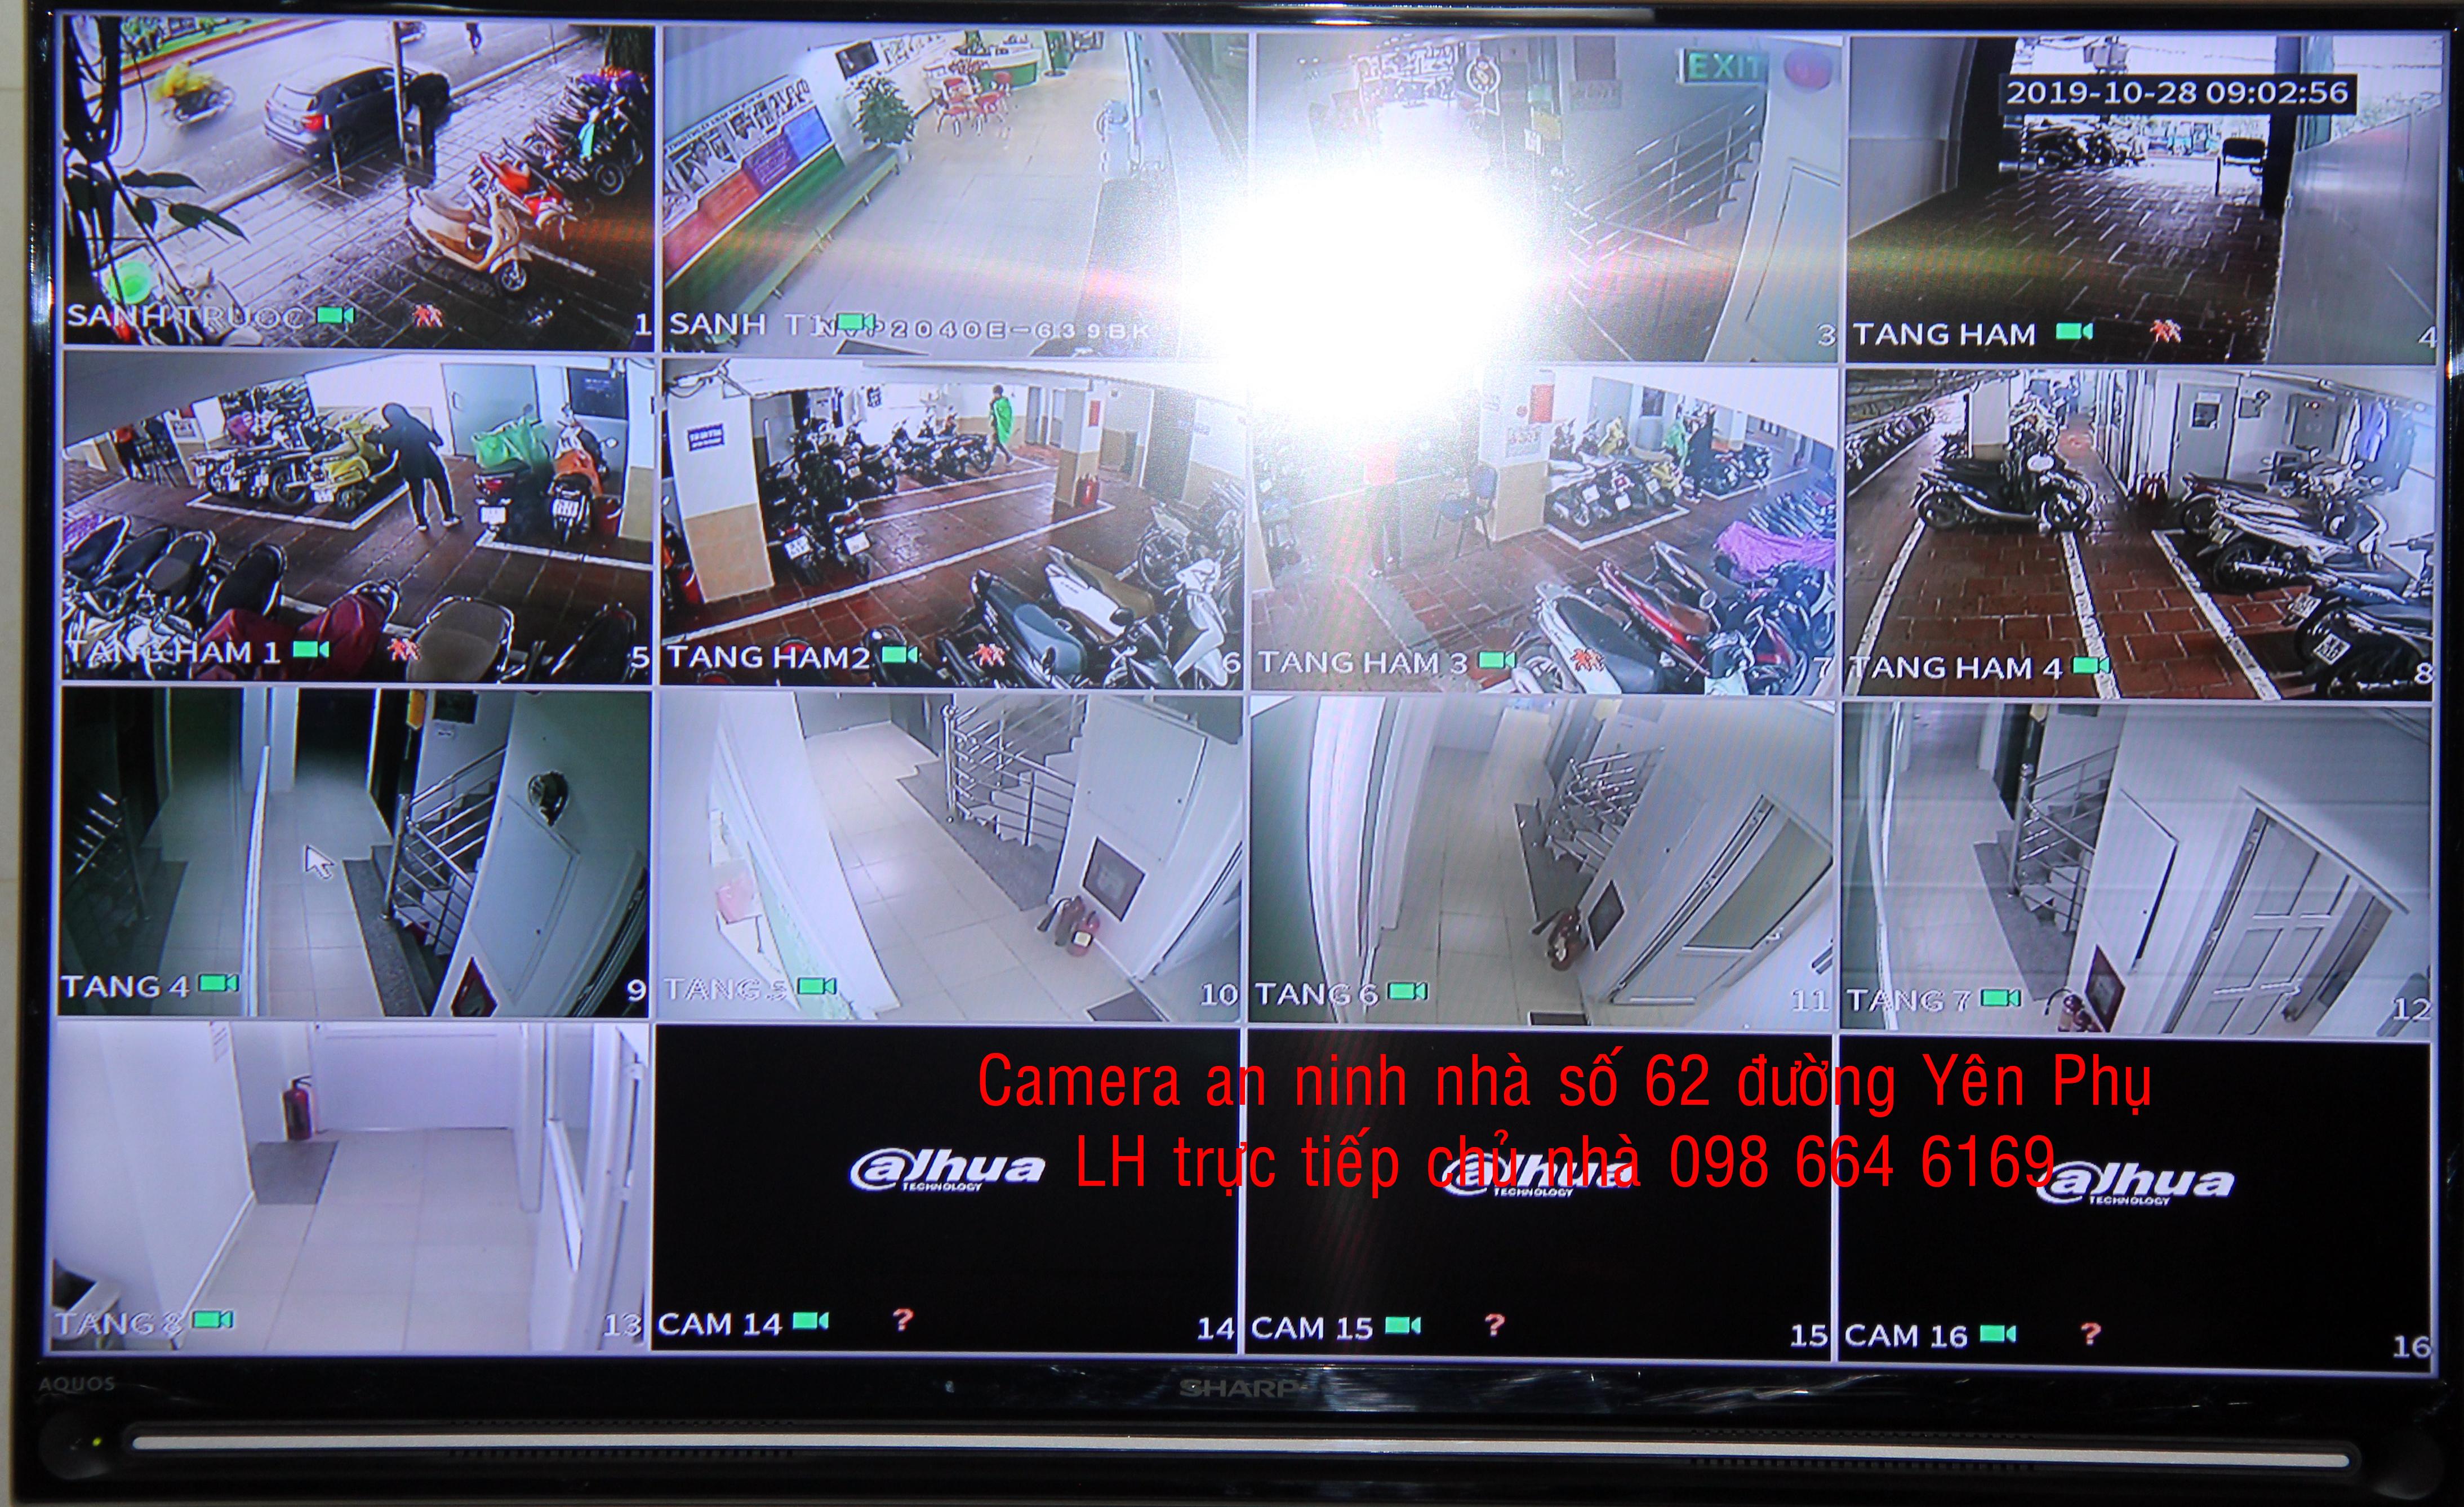 6 70 và 91m2  VP giá rẻ, DV tốt tại đường đôi Yên Phụ. LH  trực tiếp chủ nhà: 0986 646 169